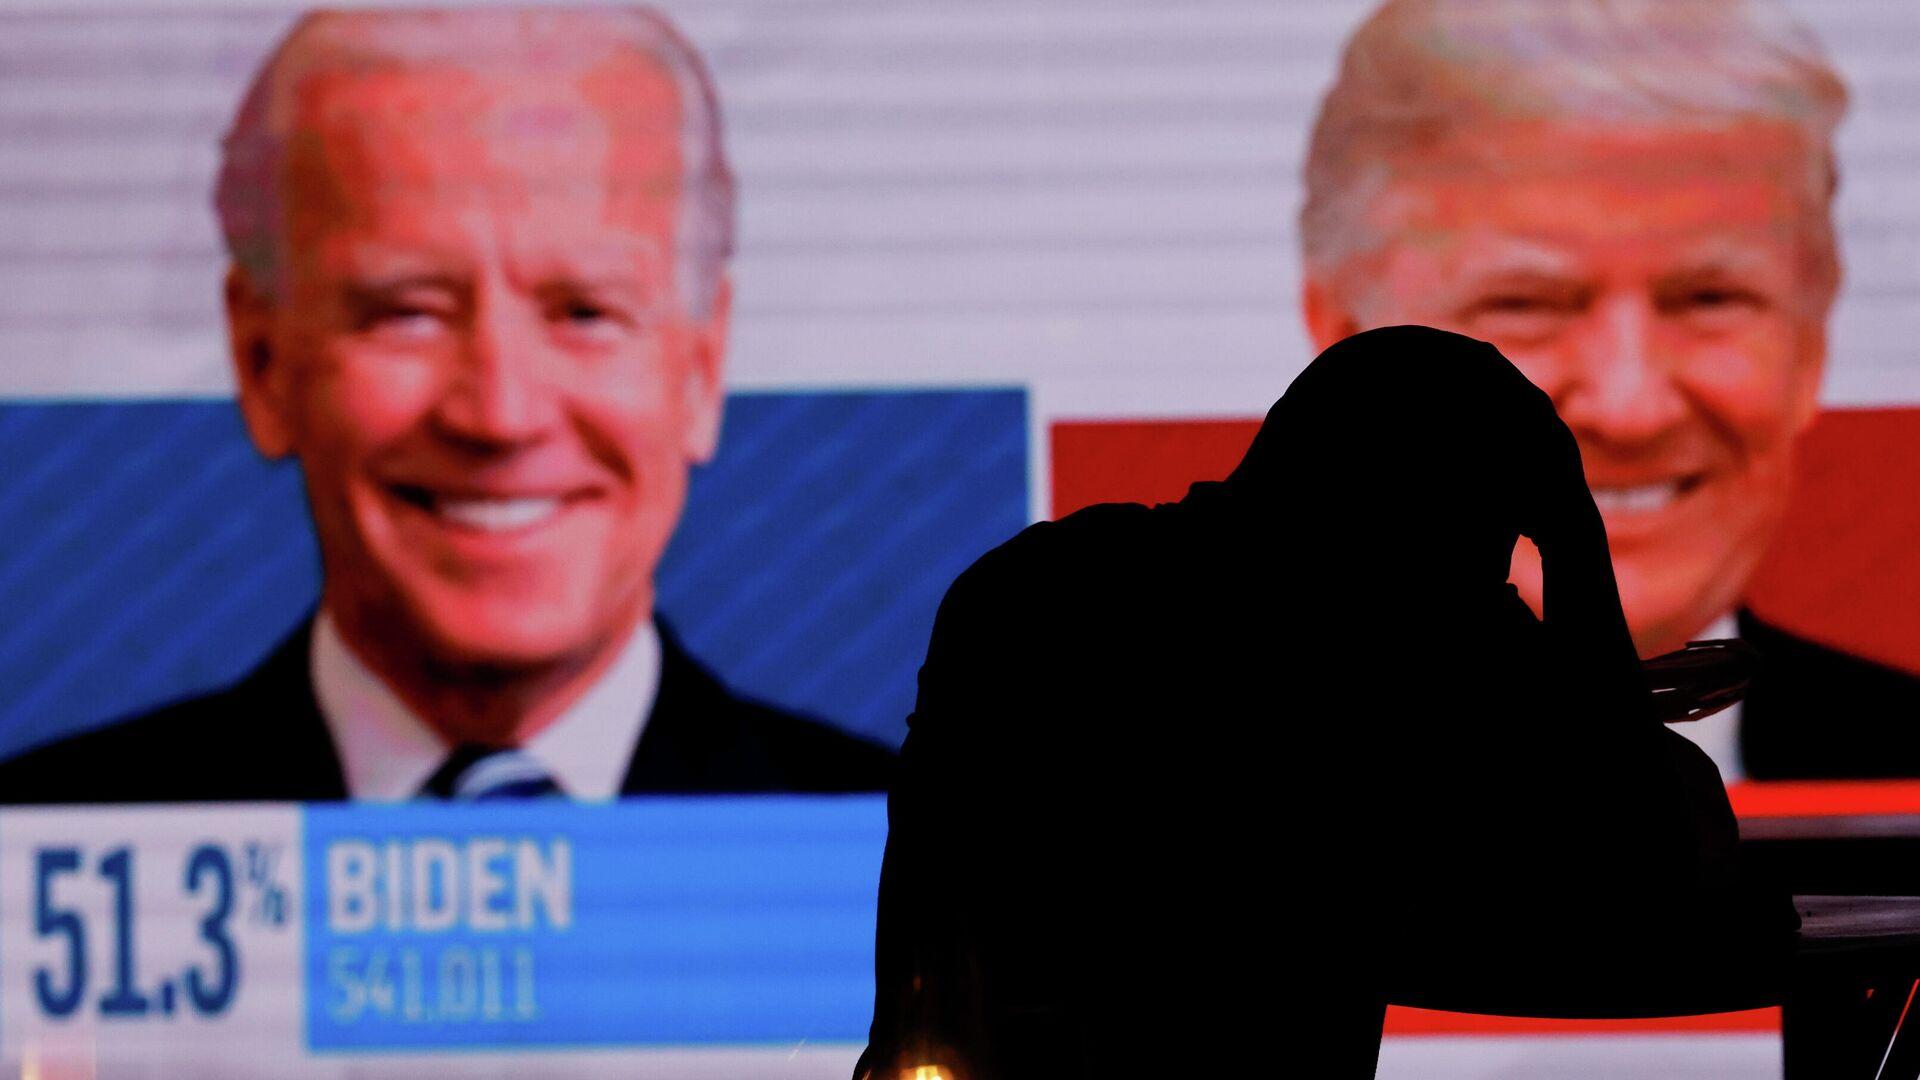 Экран с предварительными итогами голосования на президентских выборах в Сан-Диего, США - РИА Новости, 1920, 05.11.2020